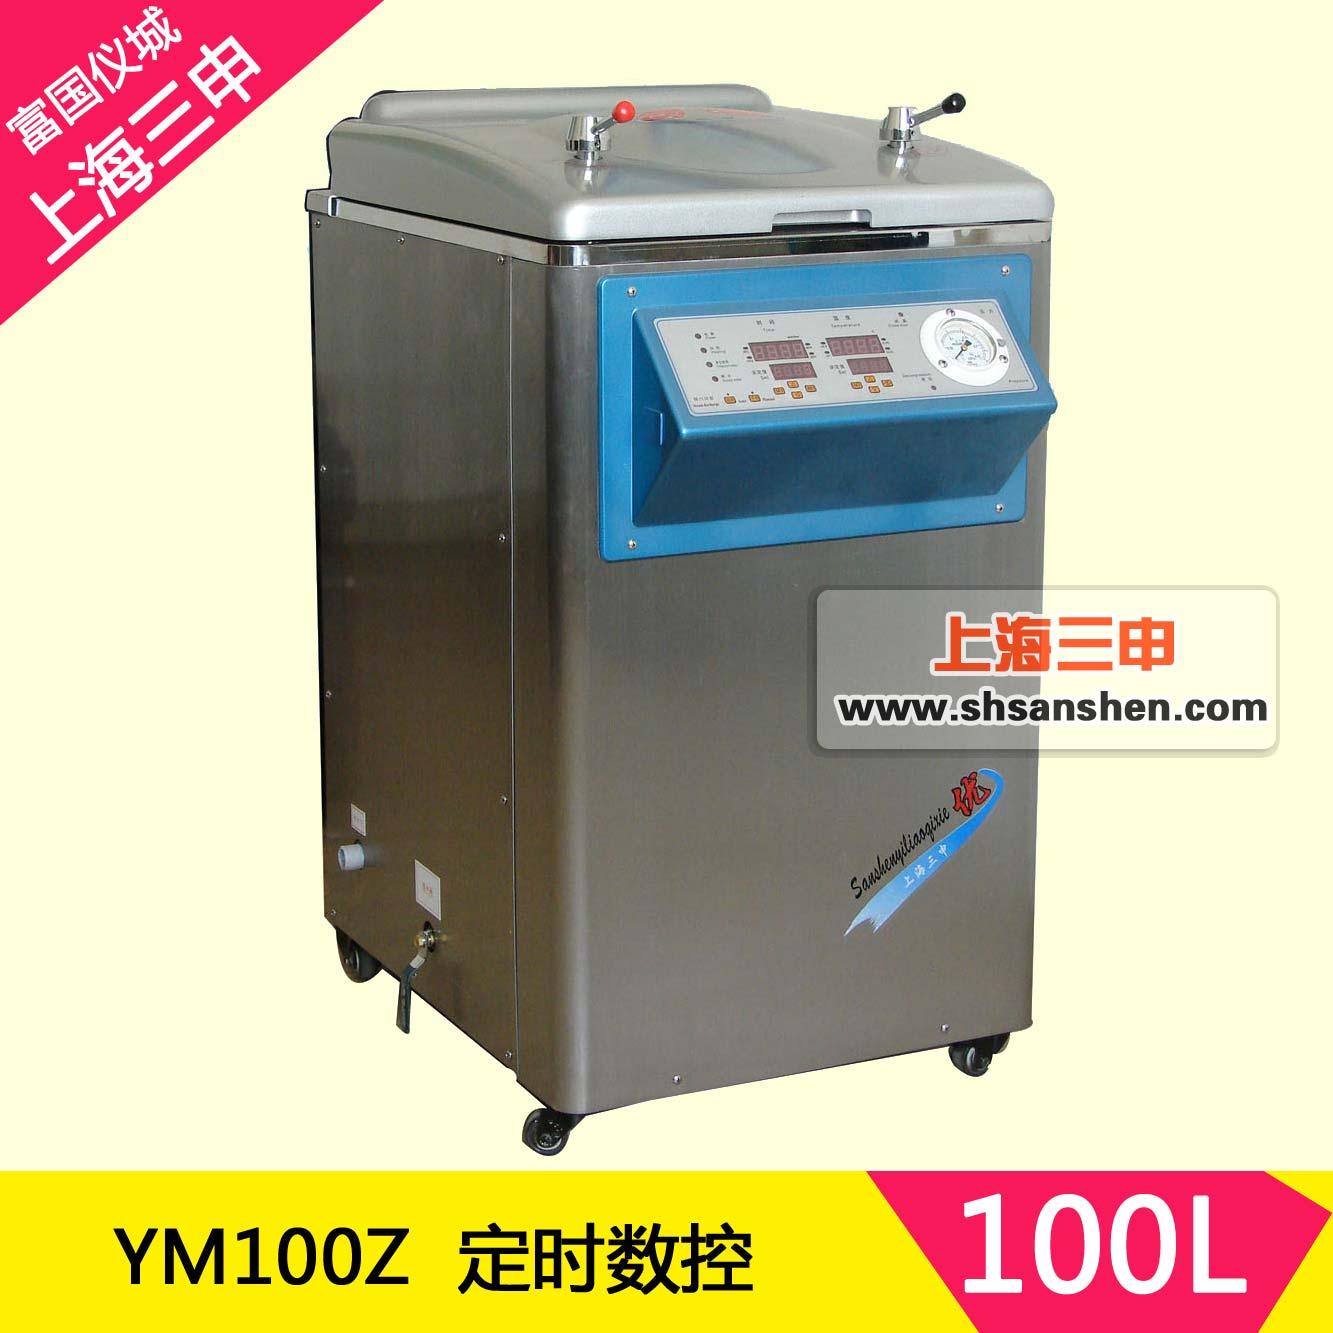 上海三申不锈钢立式压力蒸汽xx色综合YM100Z 定时数控 高压灭菌锅100升